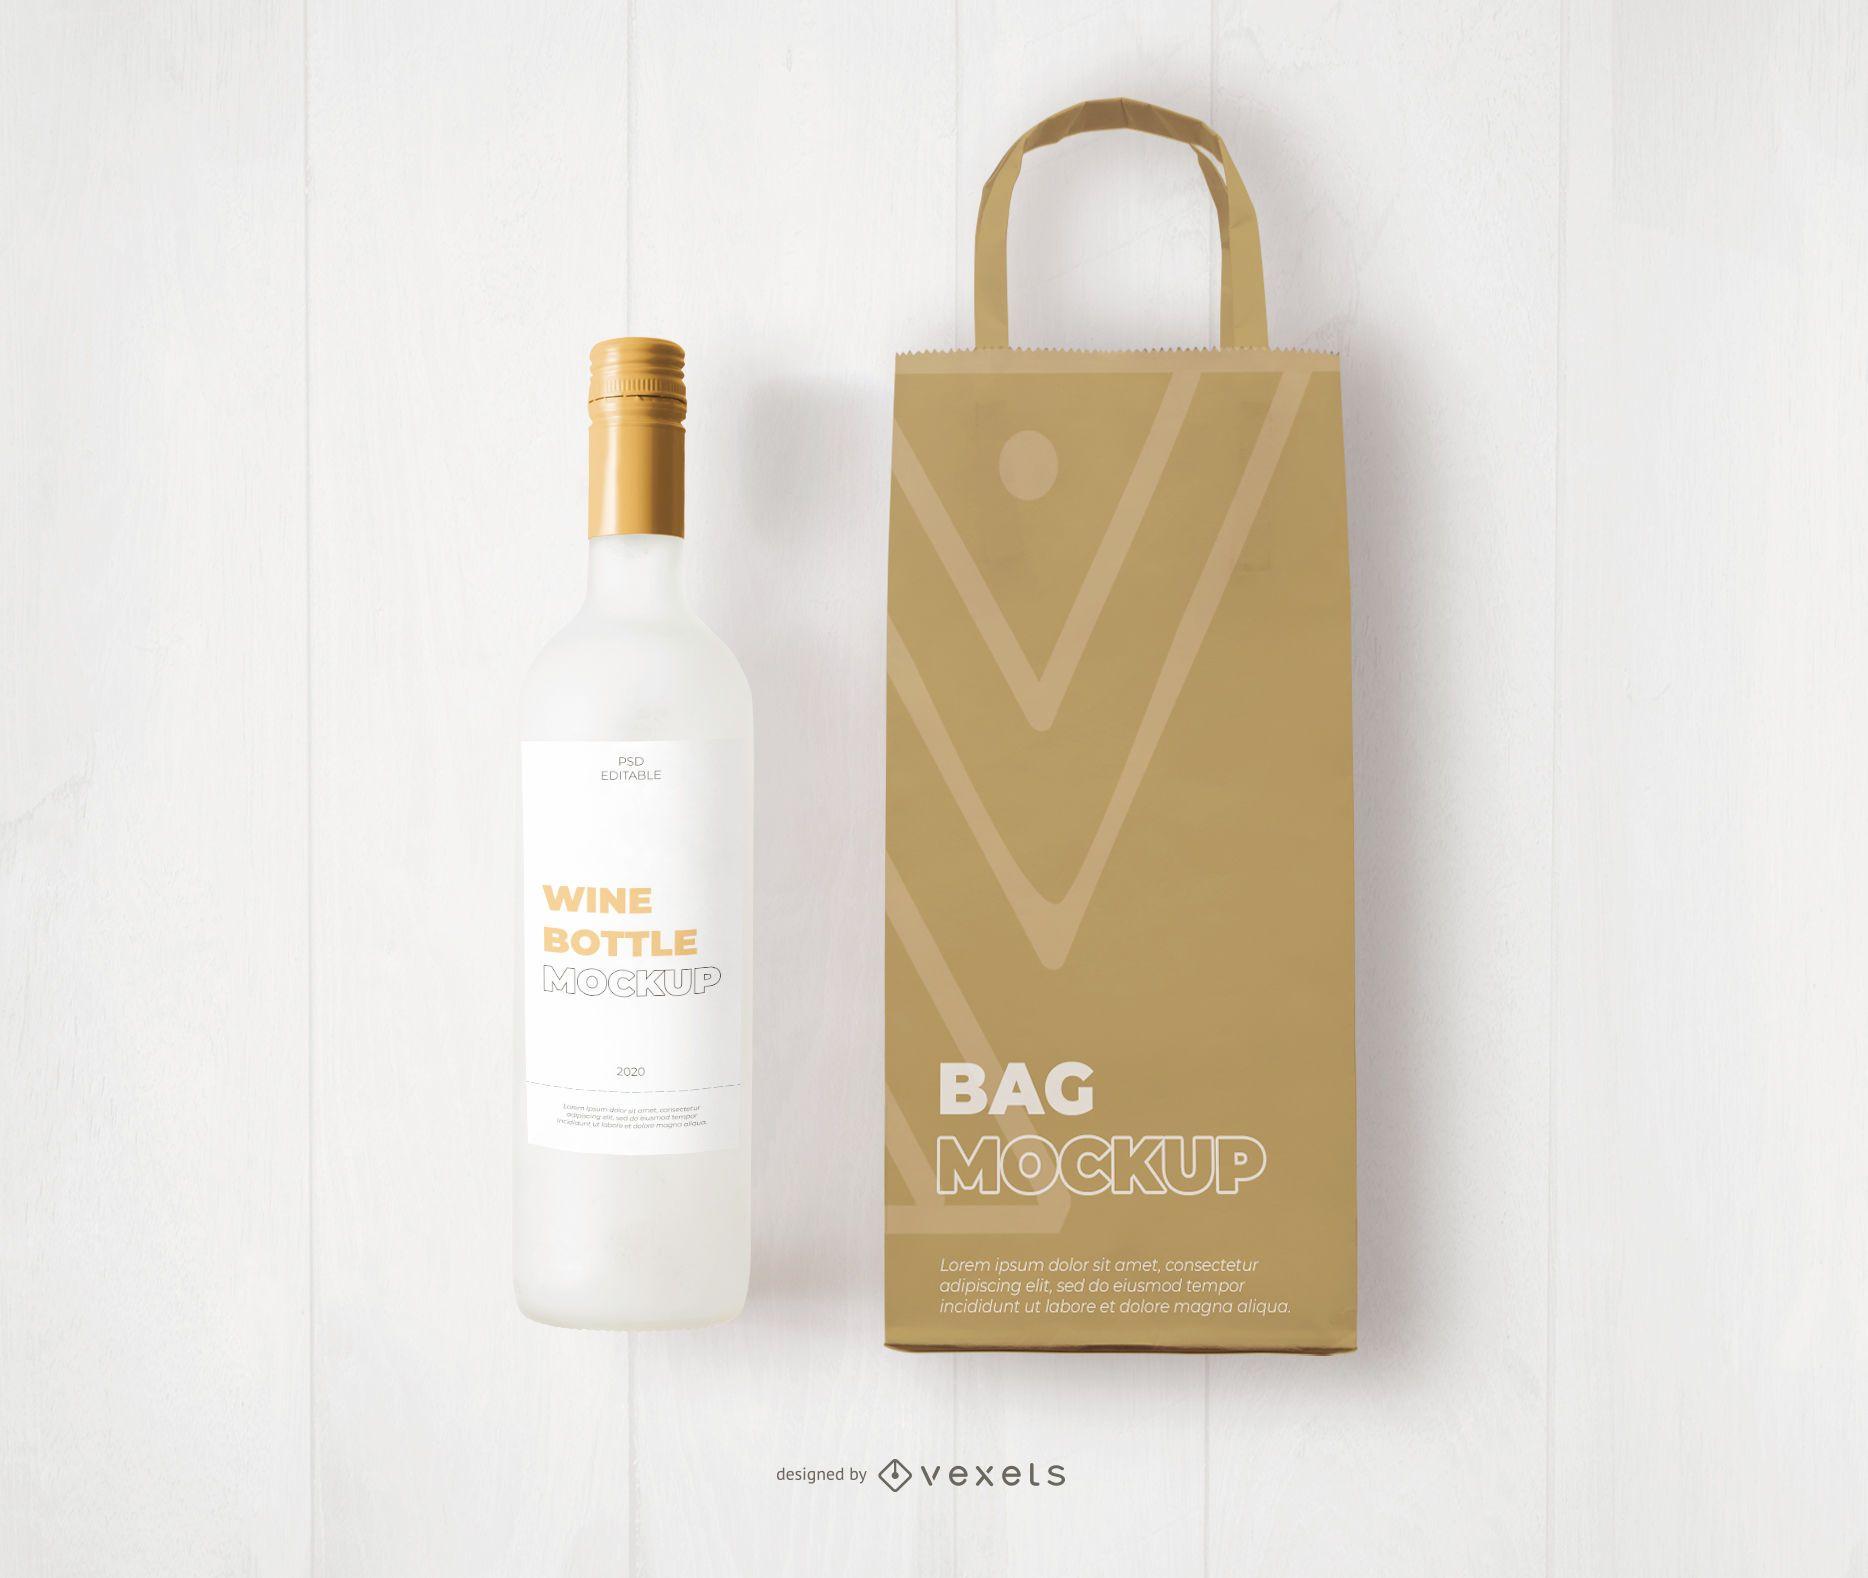 Maqueta de marca de bolsa y botella de vino